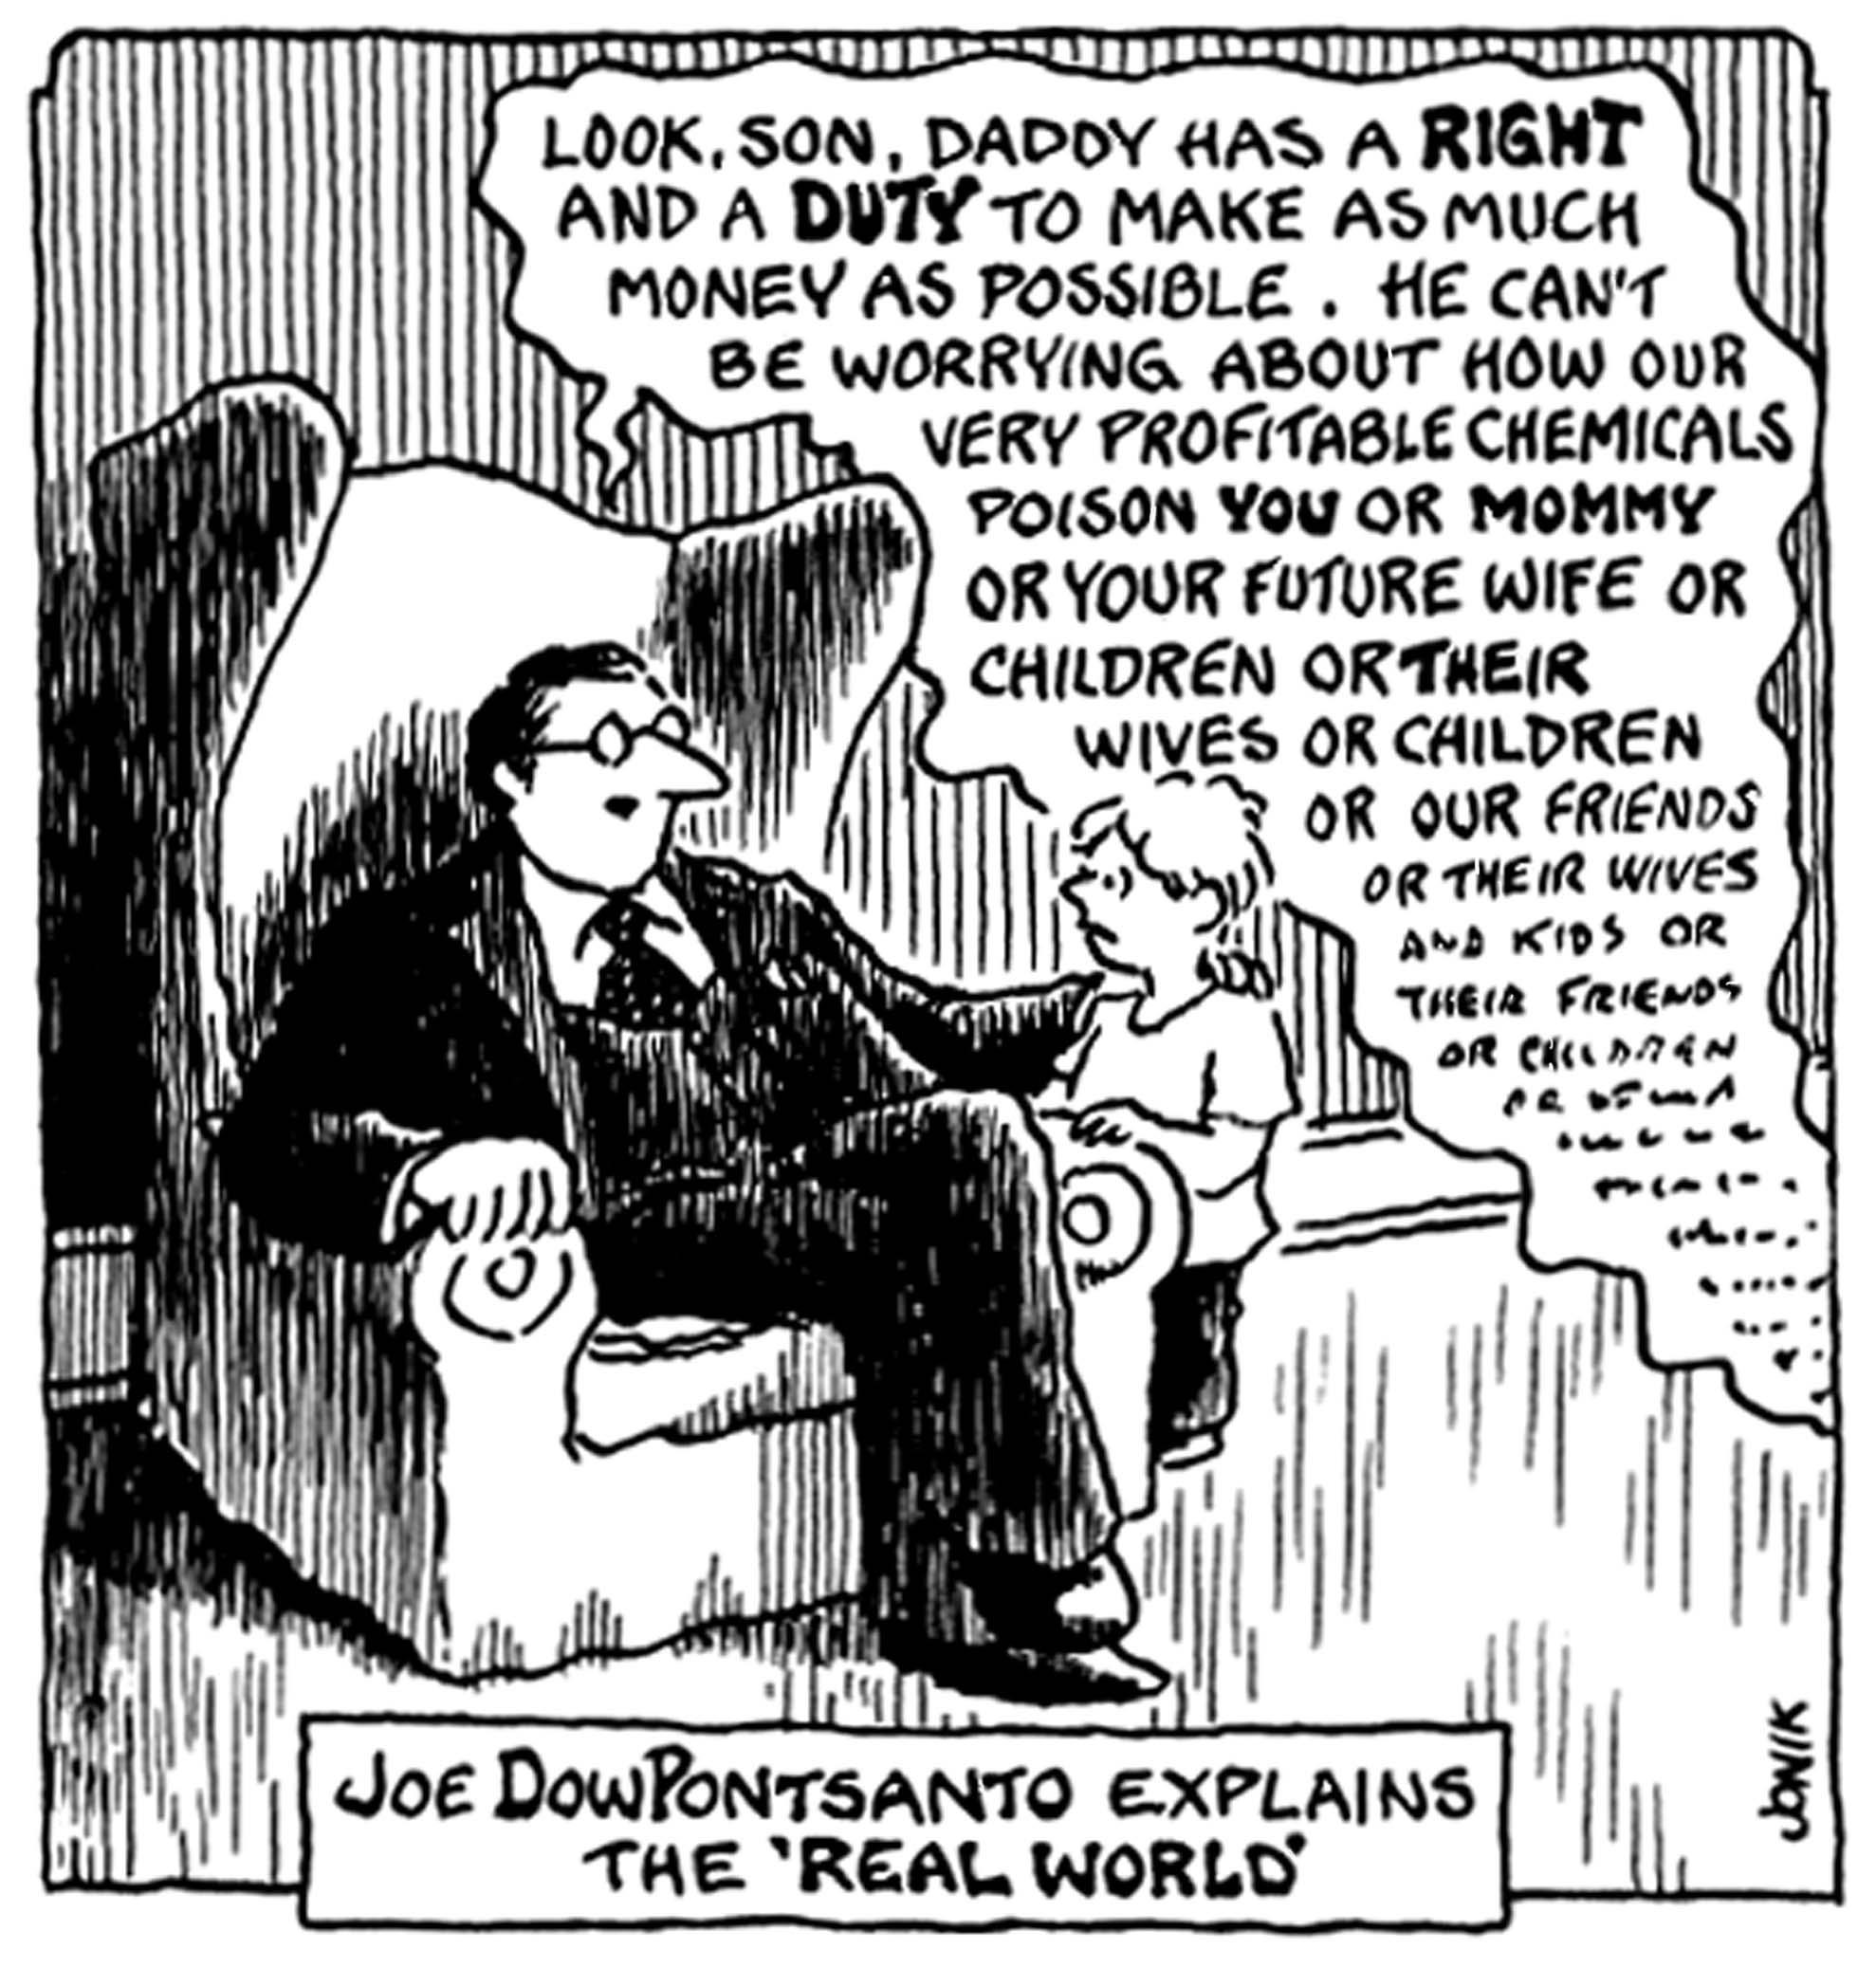 Joe Dowpontsanto